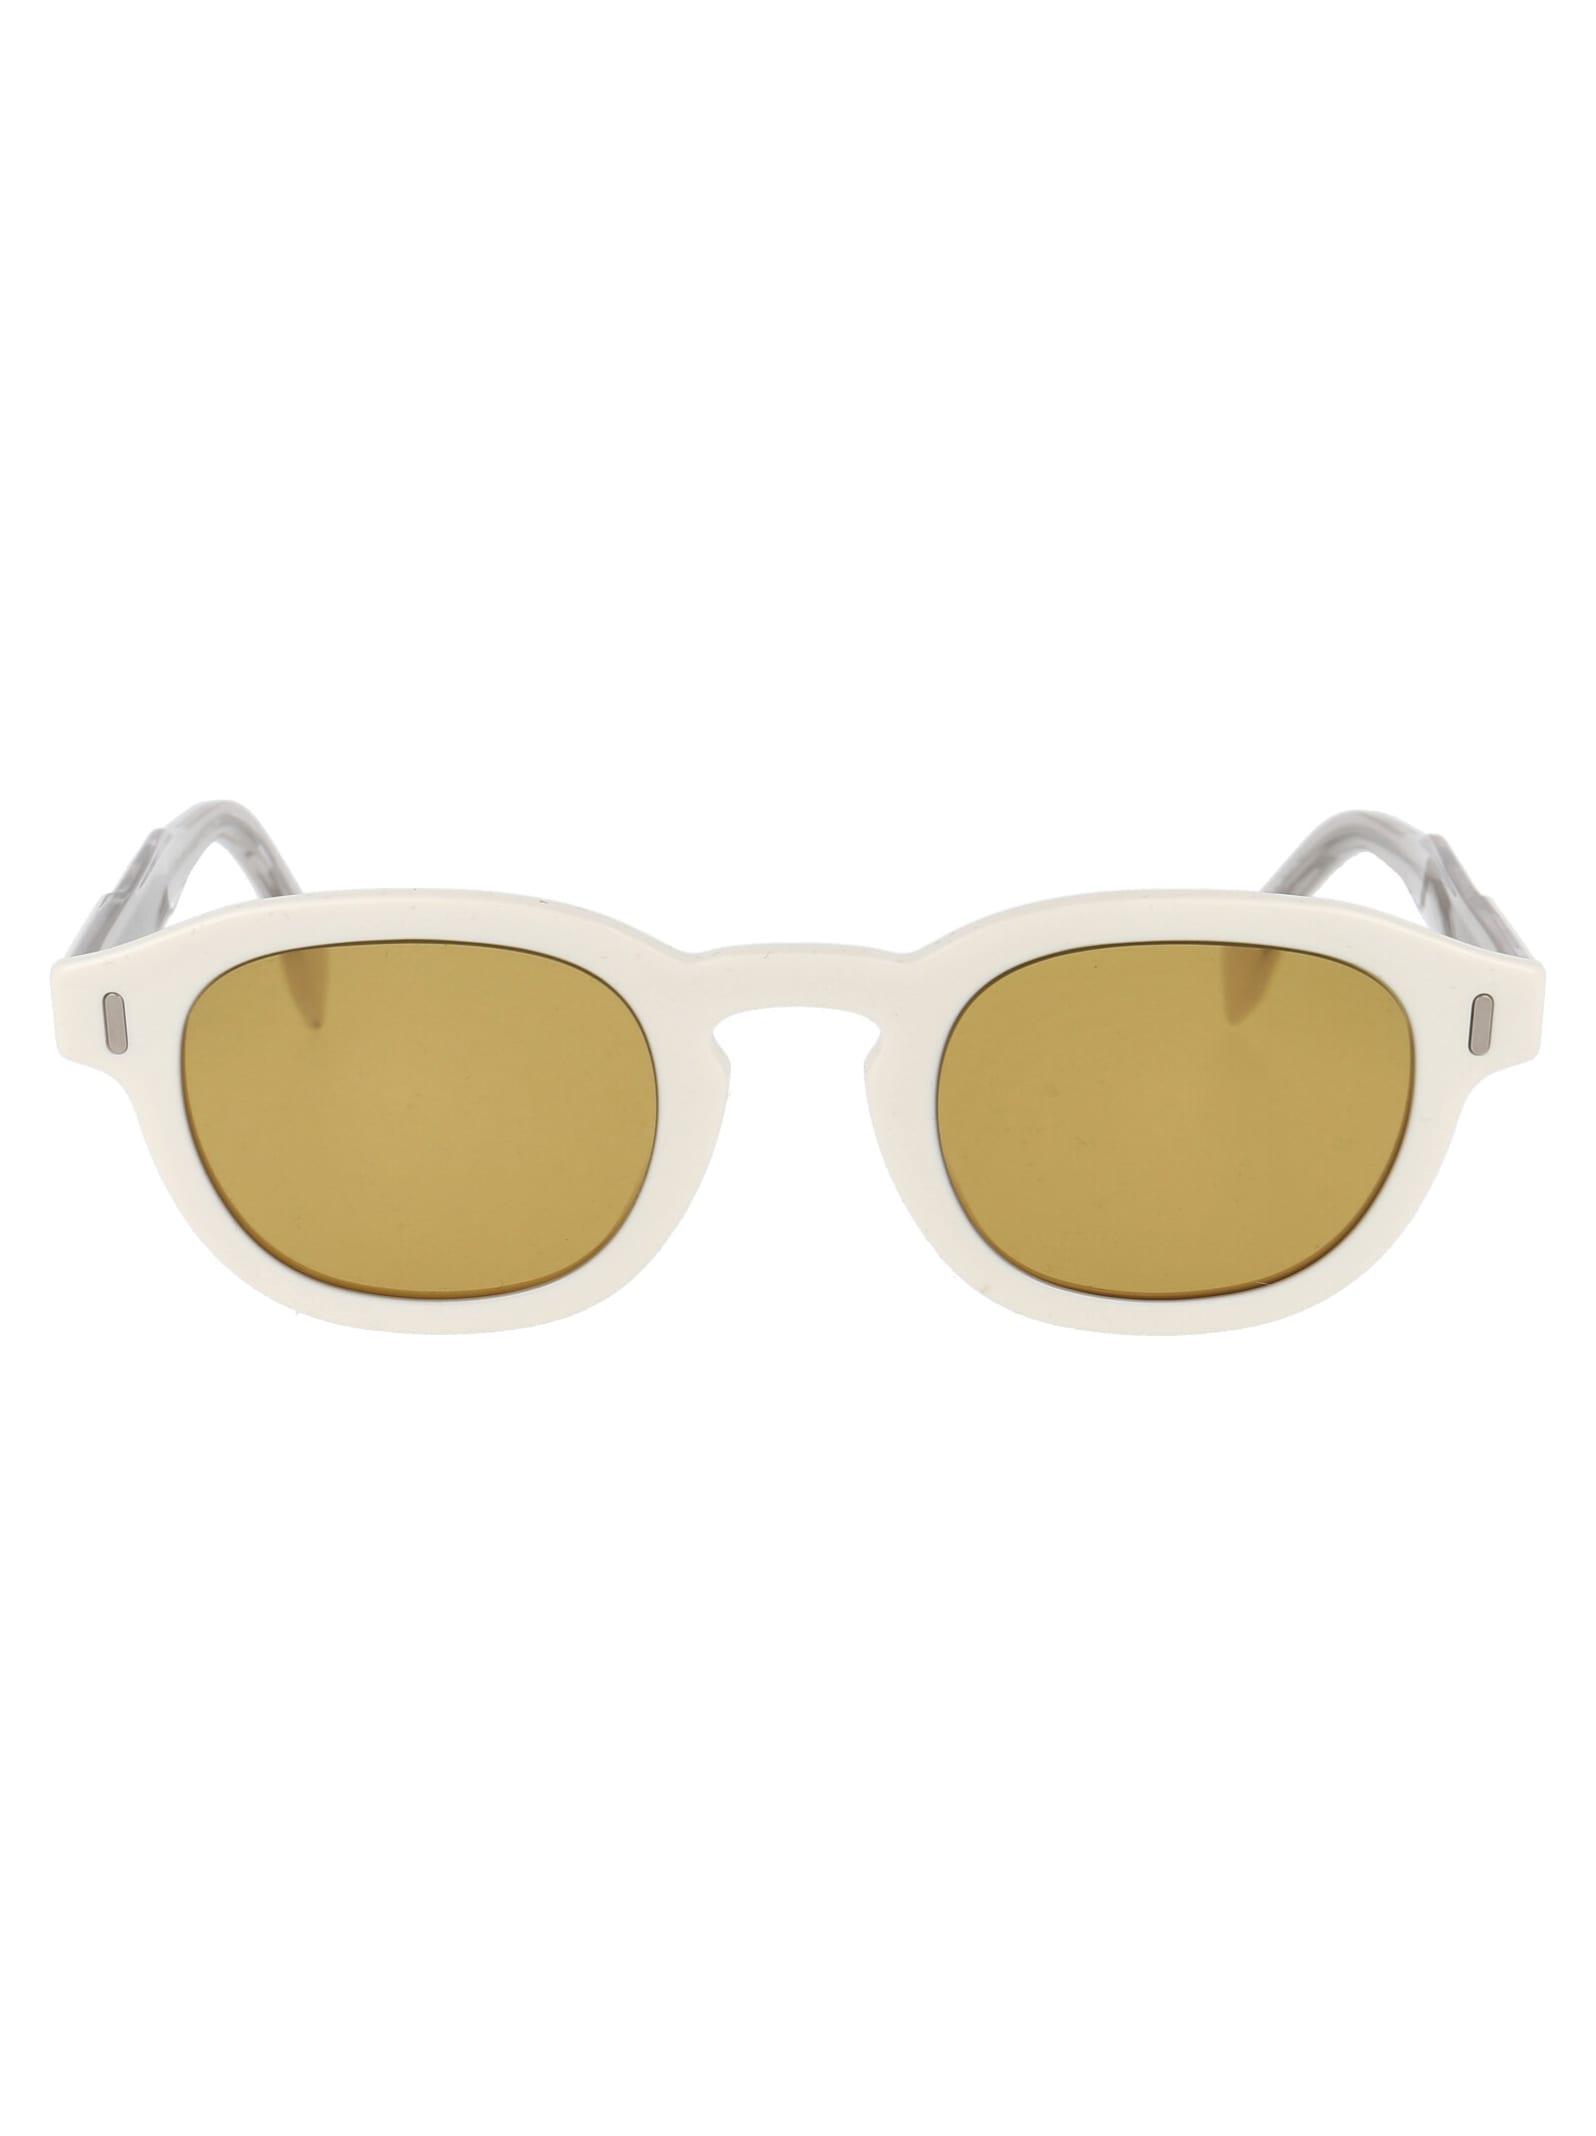 Ff M0100/g/s Sunglasses